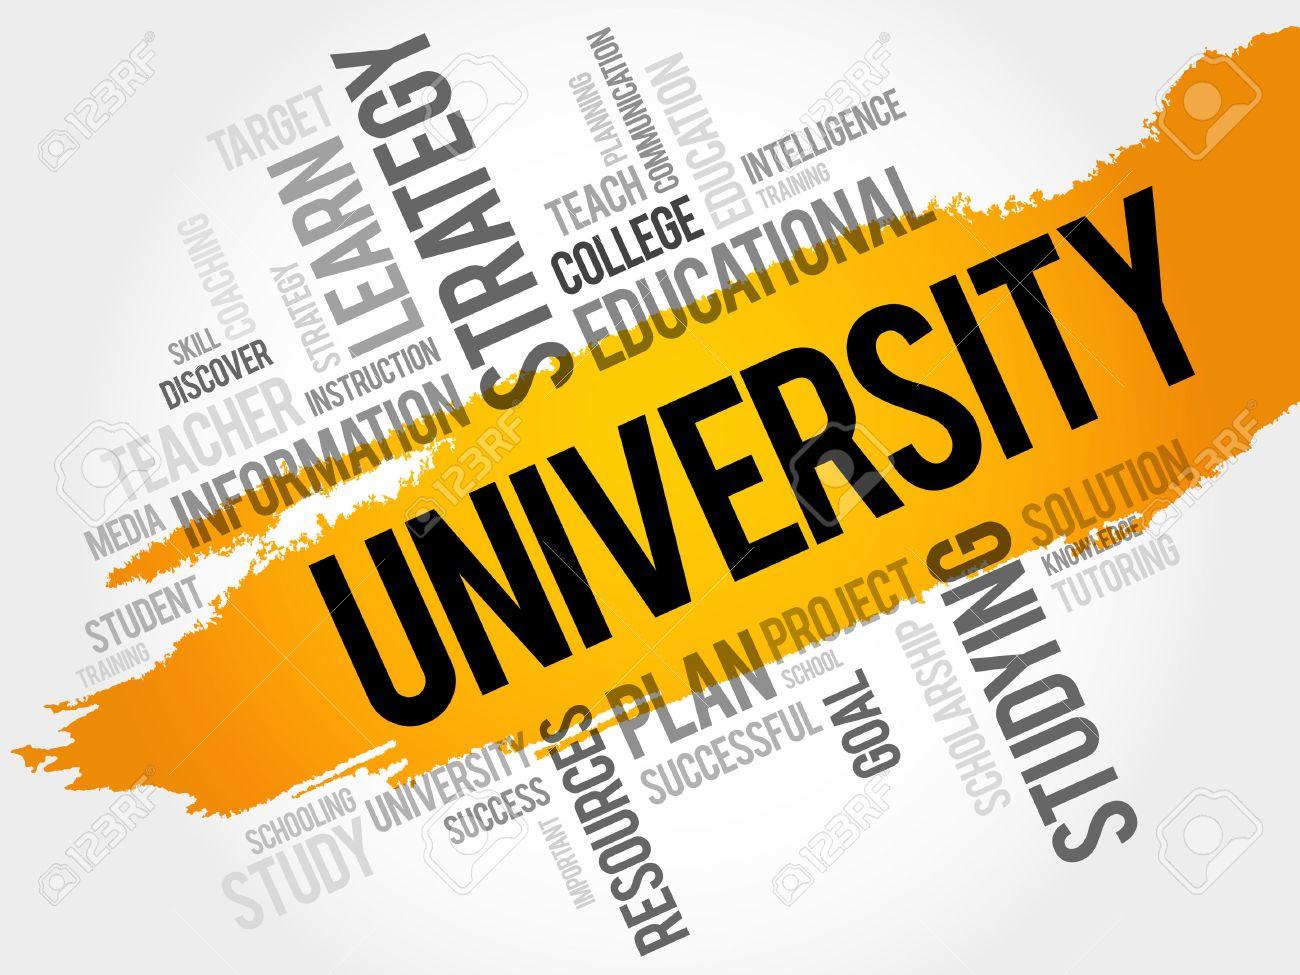 UNIVERSITY word cloud, education concept - 50441552